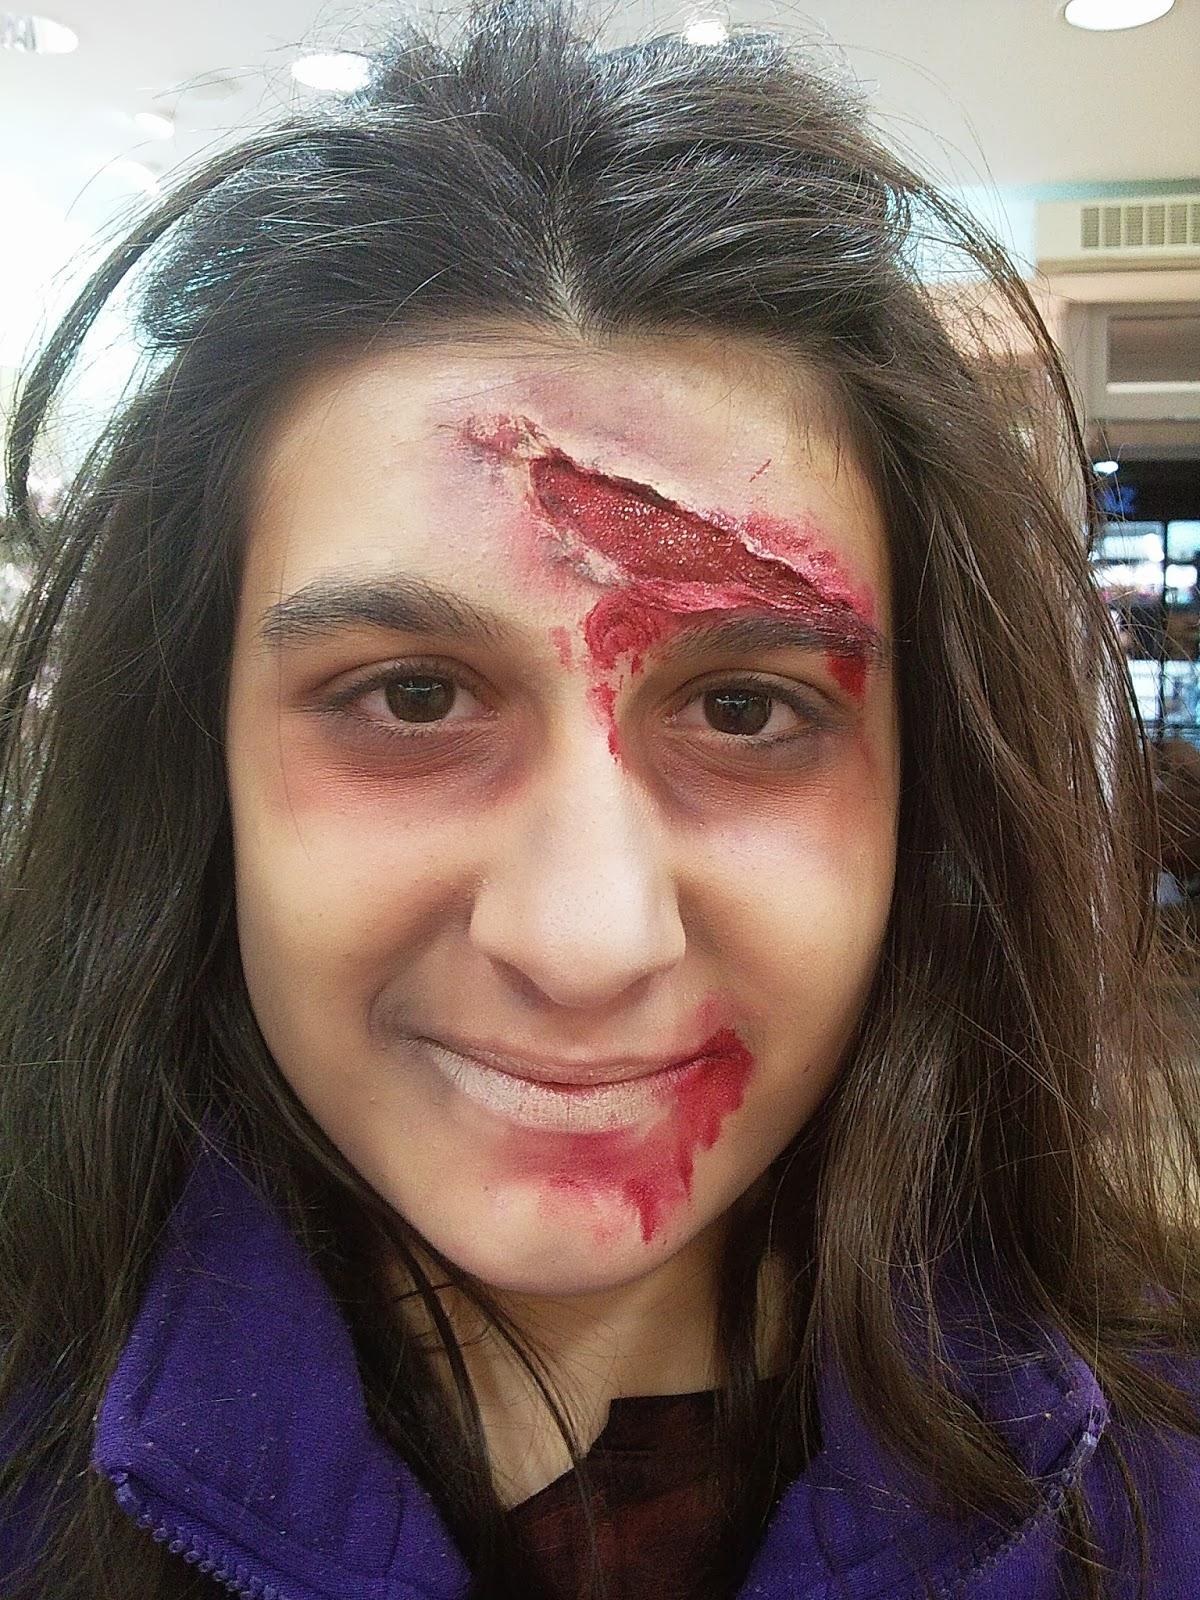 Mamimakeup maquillaje de zombie f cil con productos caseros - Como maquillarse de zombie ...